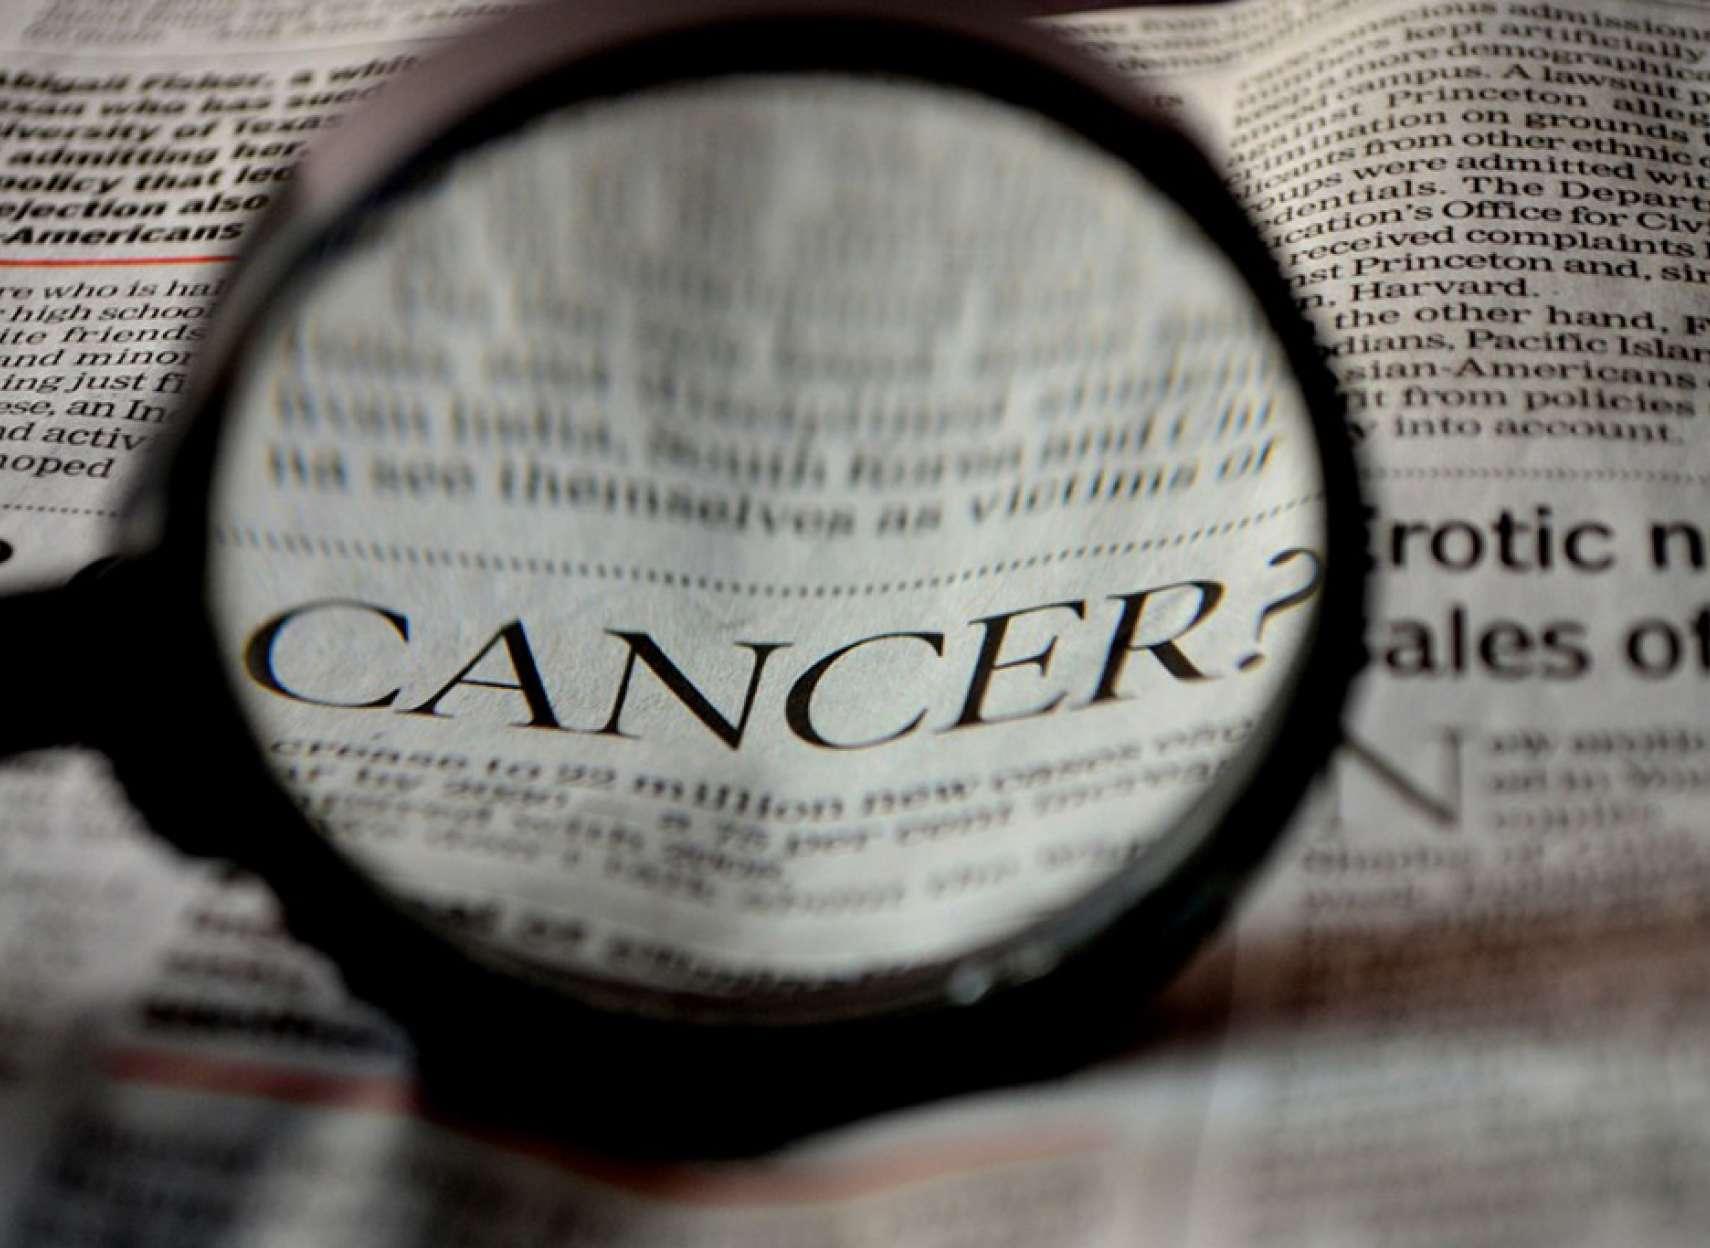 طبیعی-درمانی-کاظمی-توصیههای-نچروپاتی-برای-سرطان